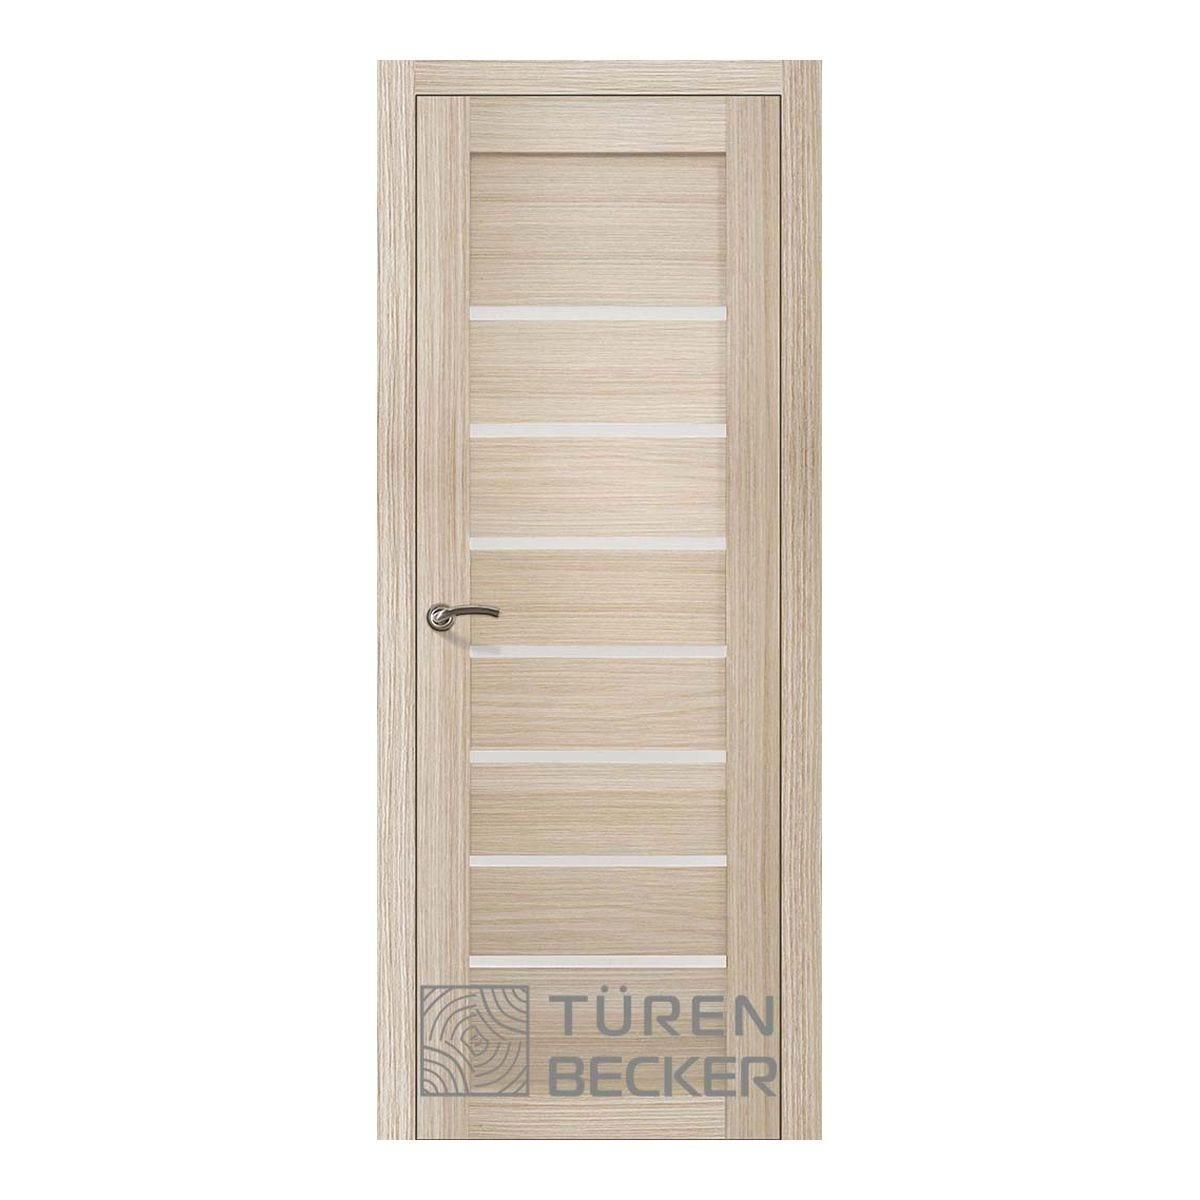 Дверное полотно Turen Becker Мета 600*2000мм ПО Life (7 стекол), 12.0.11, цвет Капучино